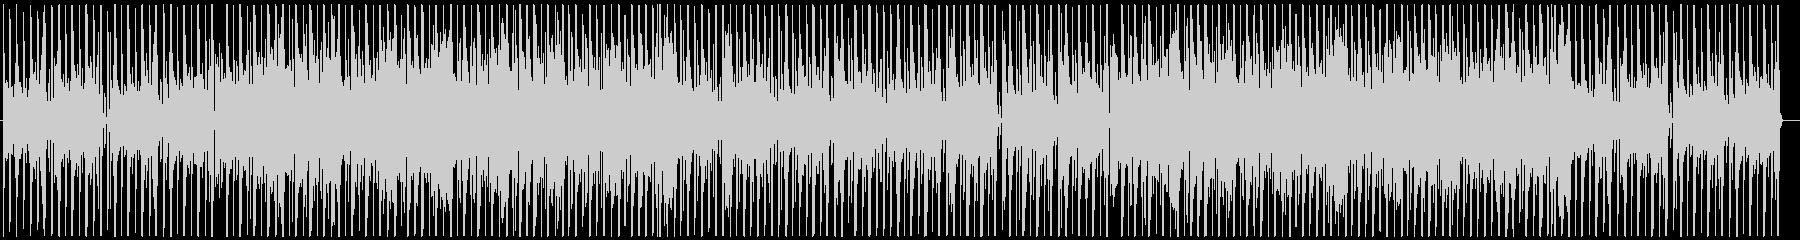 お洒落なジャズHipHop(ラジオ音無しの未再生の波形